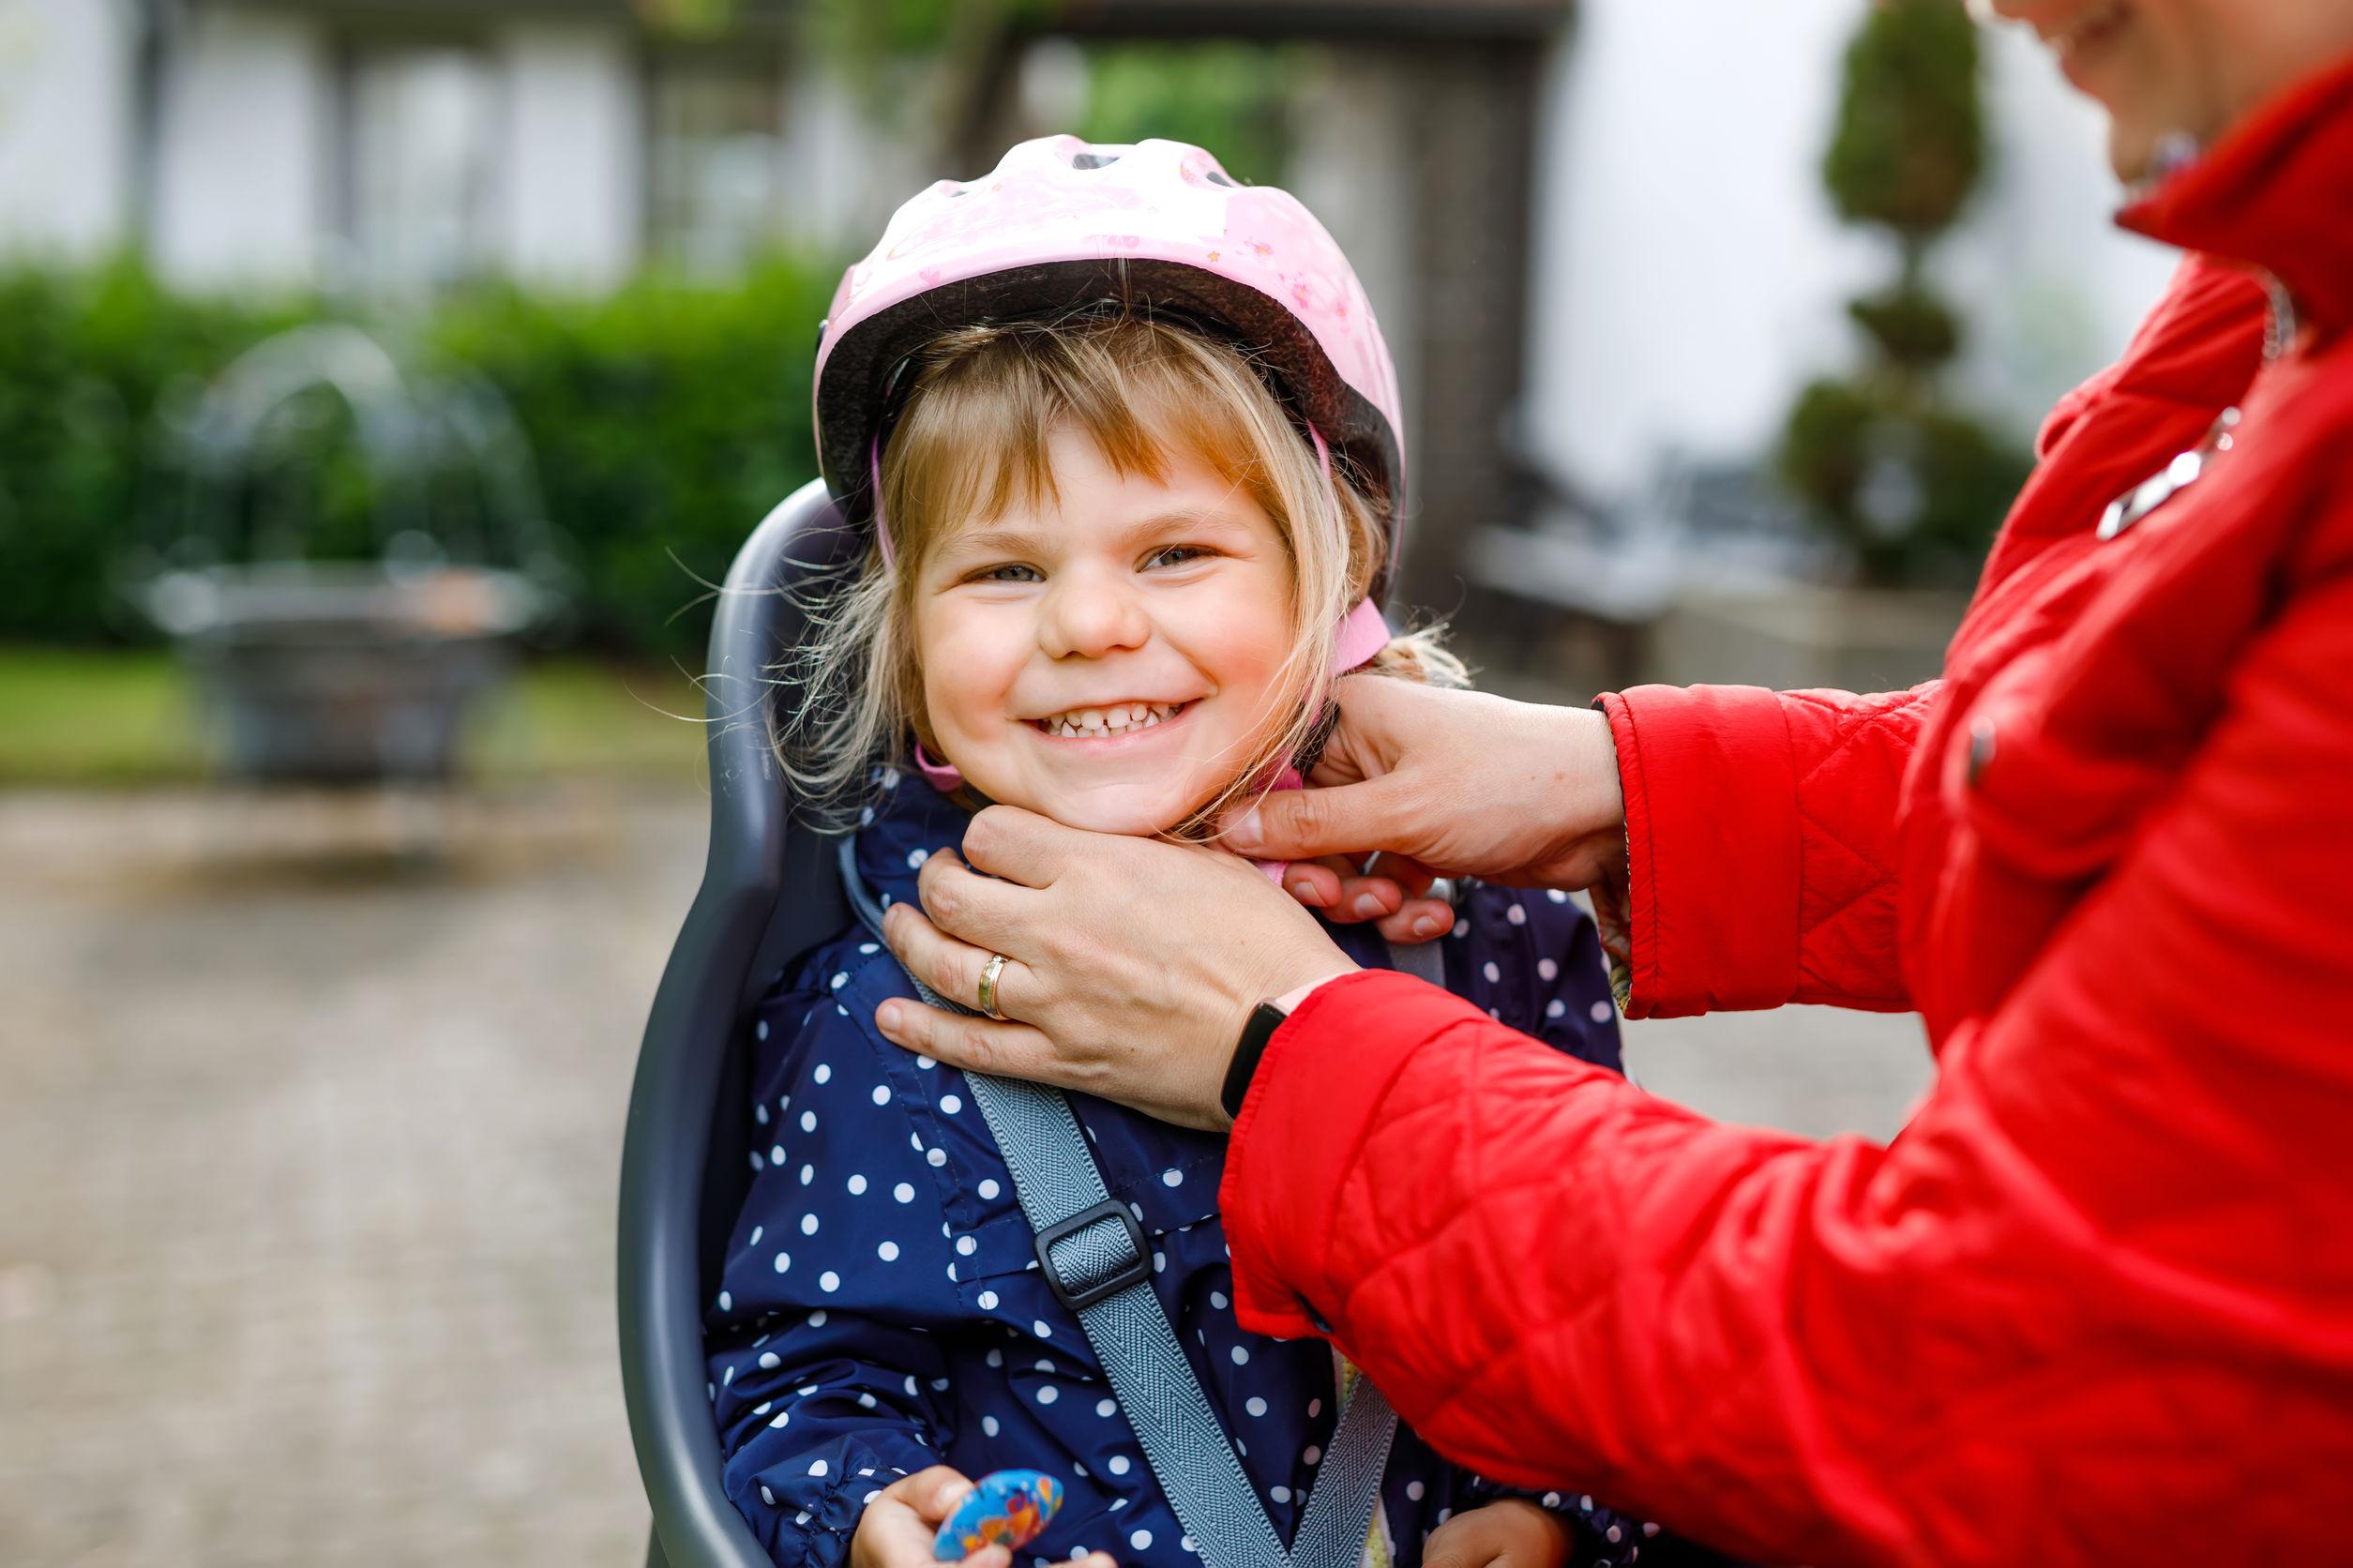 Vorne montierter Fahrradsitz: Test & Empfehlungen (05/21)